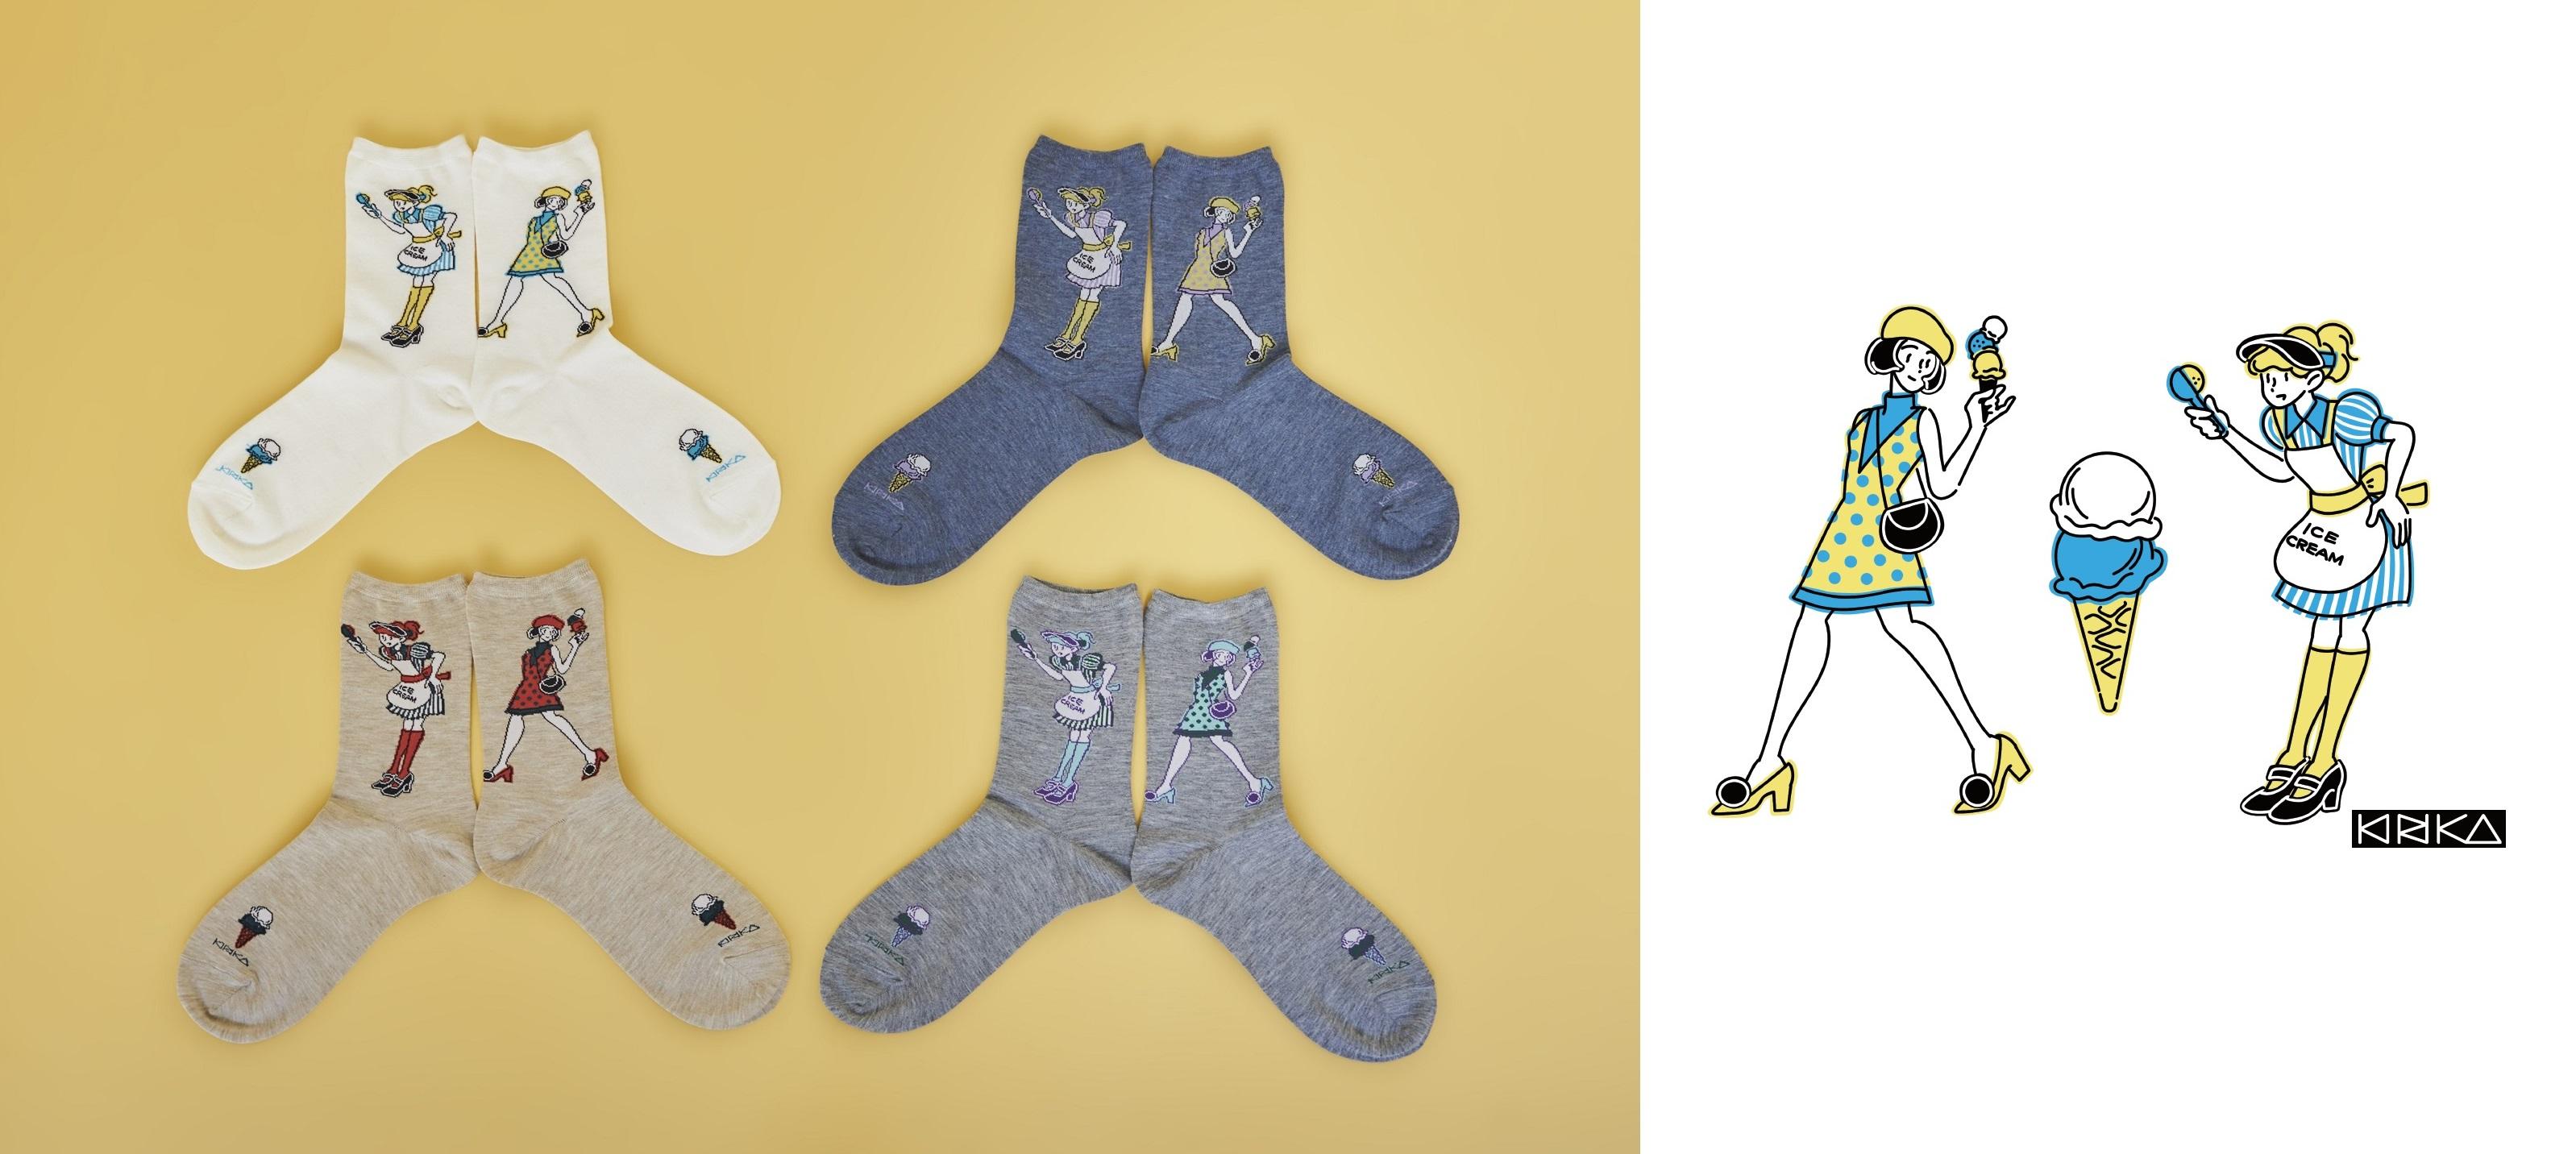 『小鈴キリカ コラボレーション』~デジタルアートで描く「ニューレトロ」をのせて~